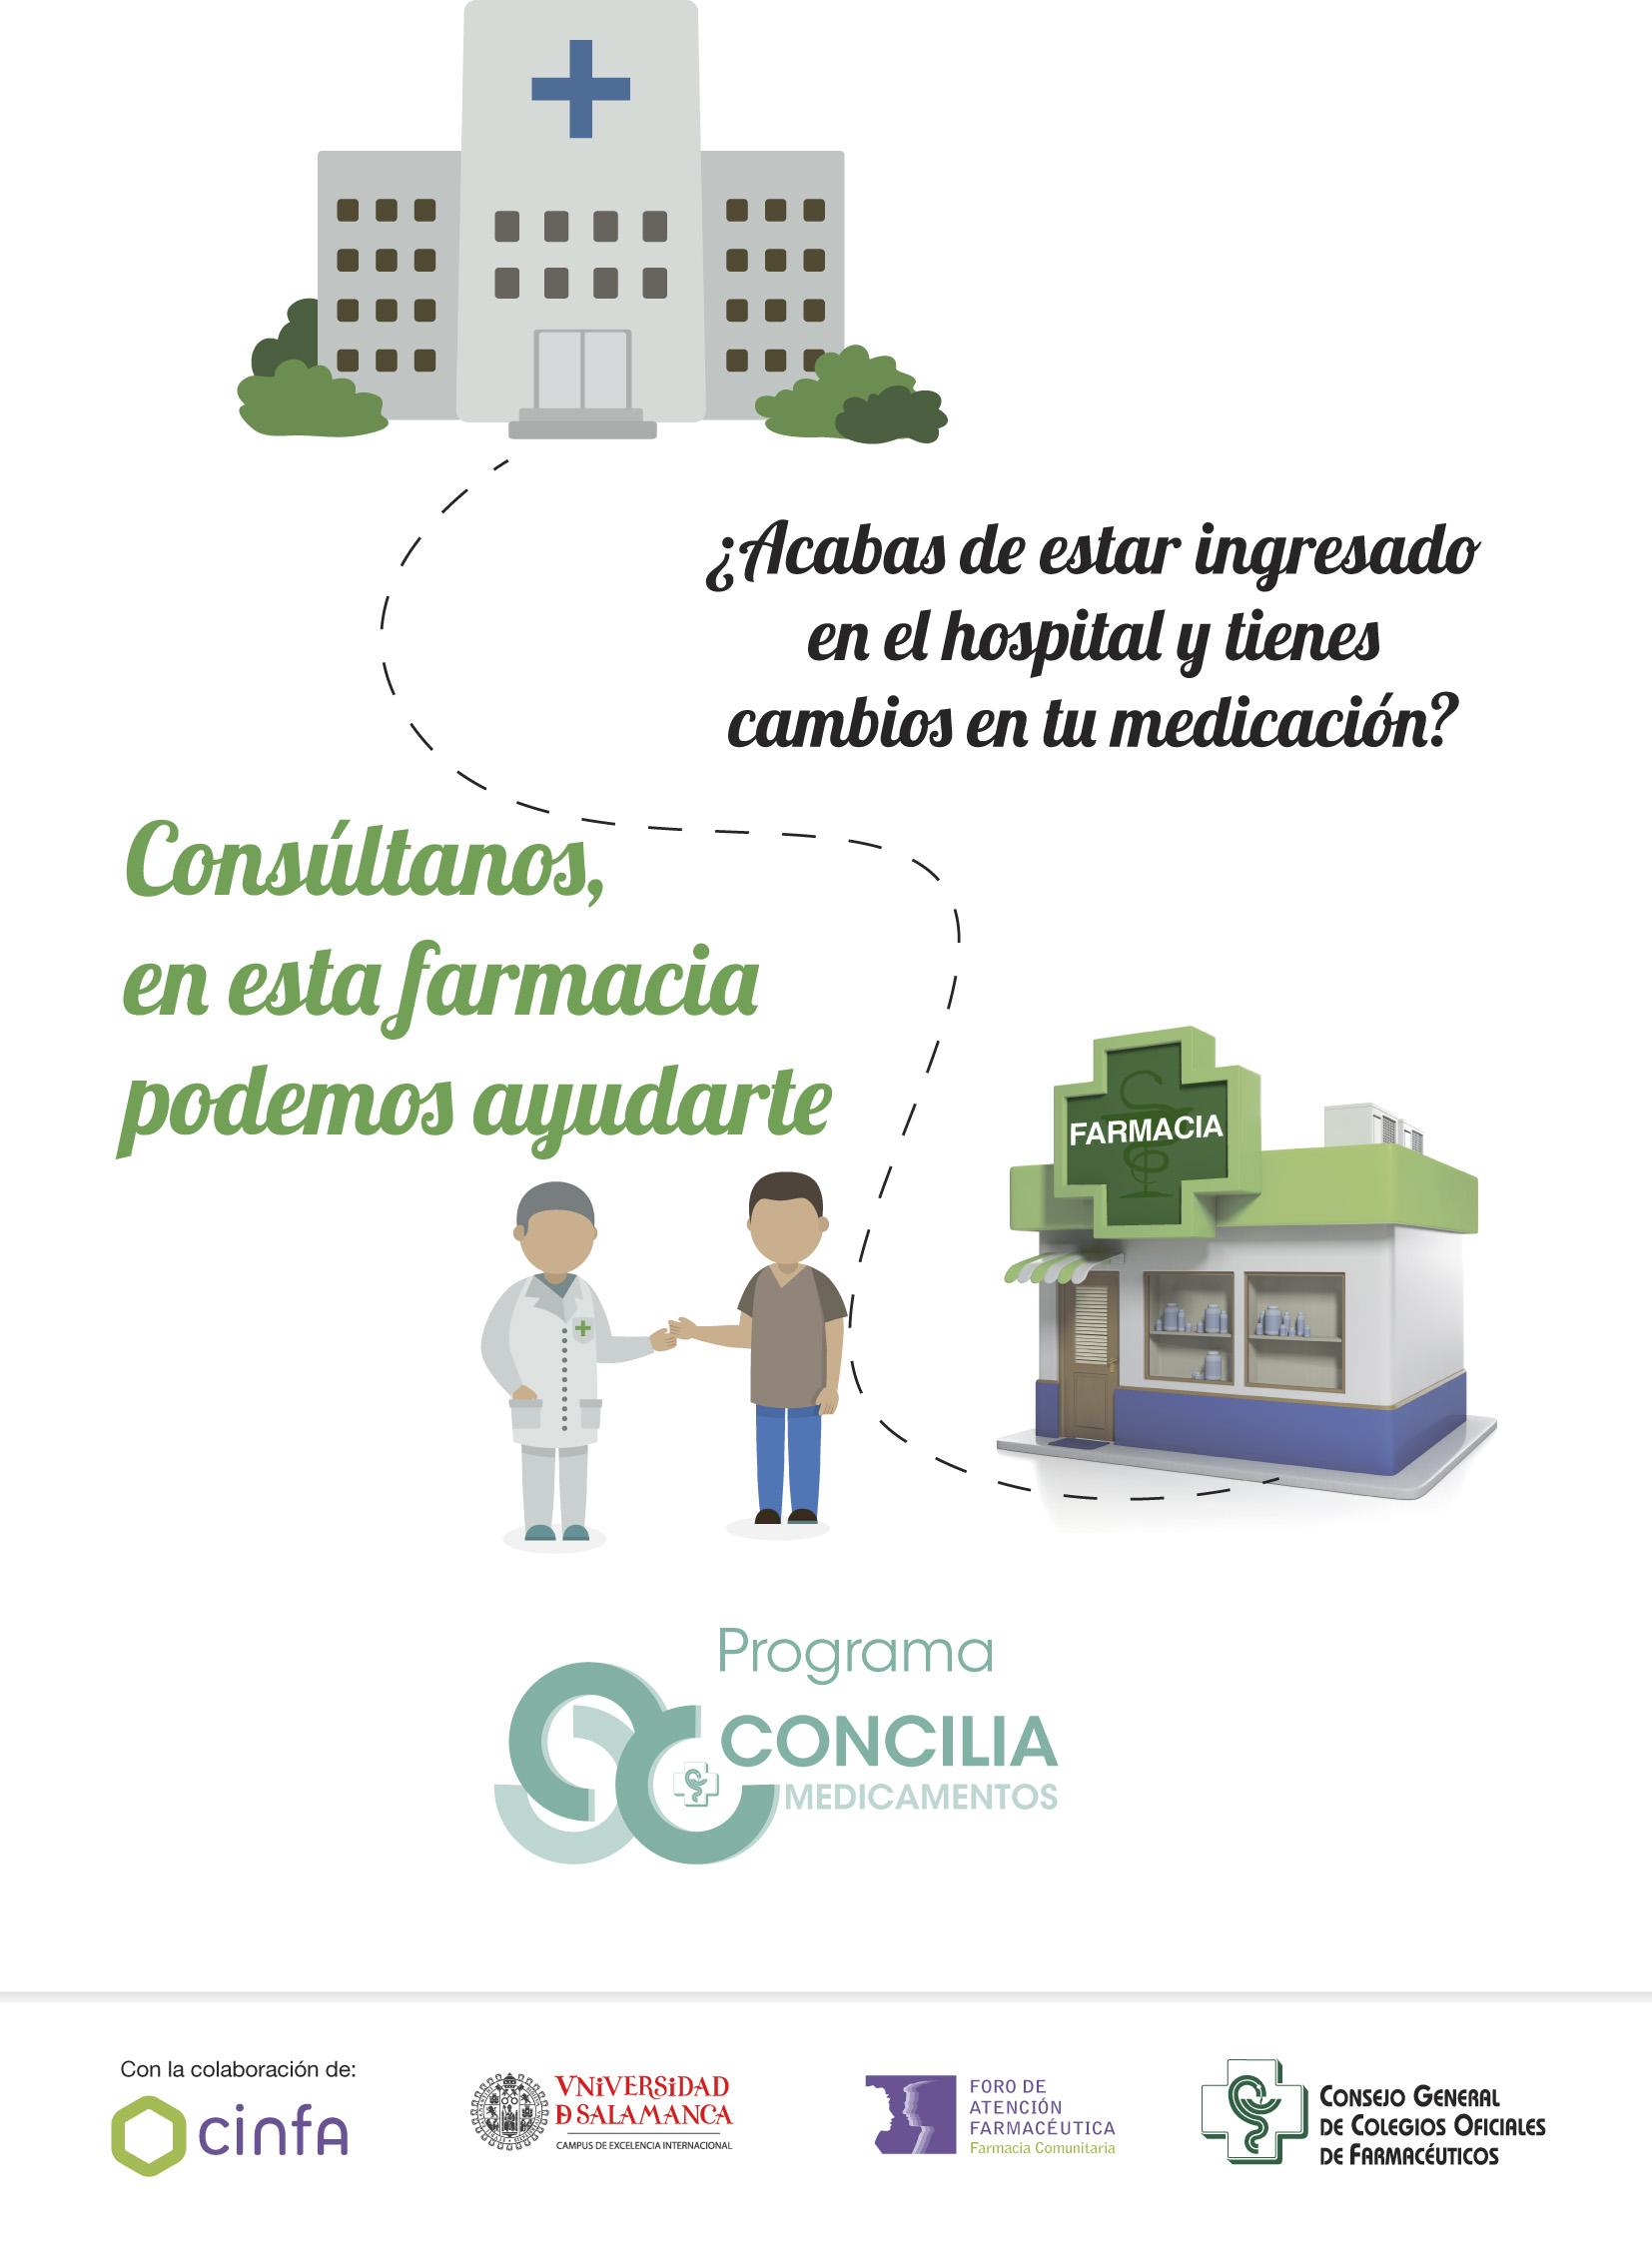 Proyecto de conciliación de medicamentos